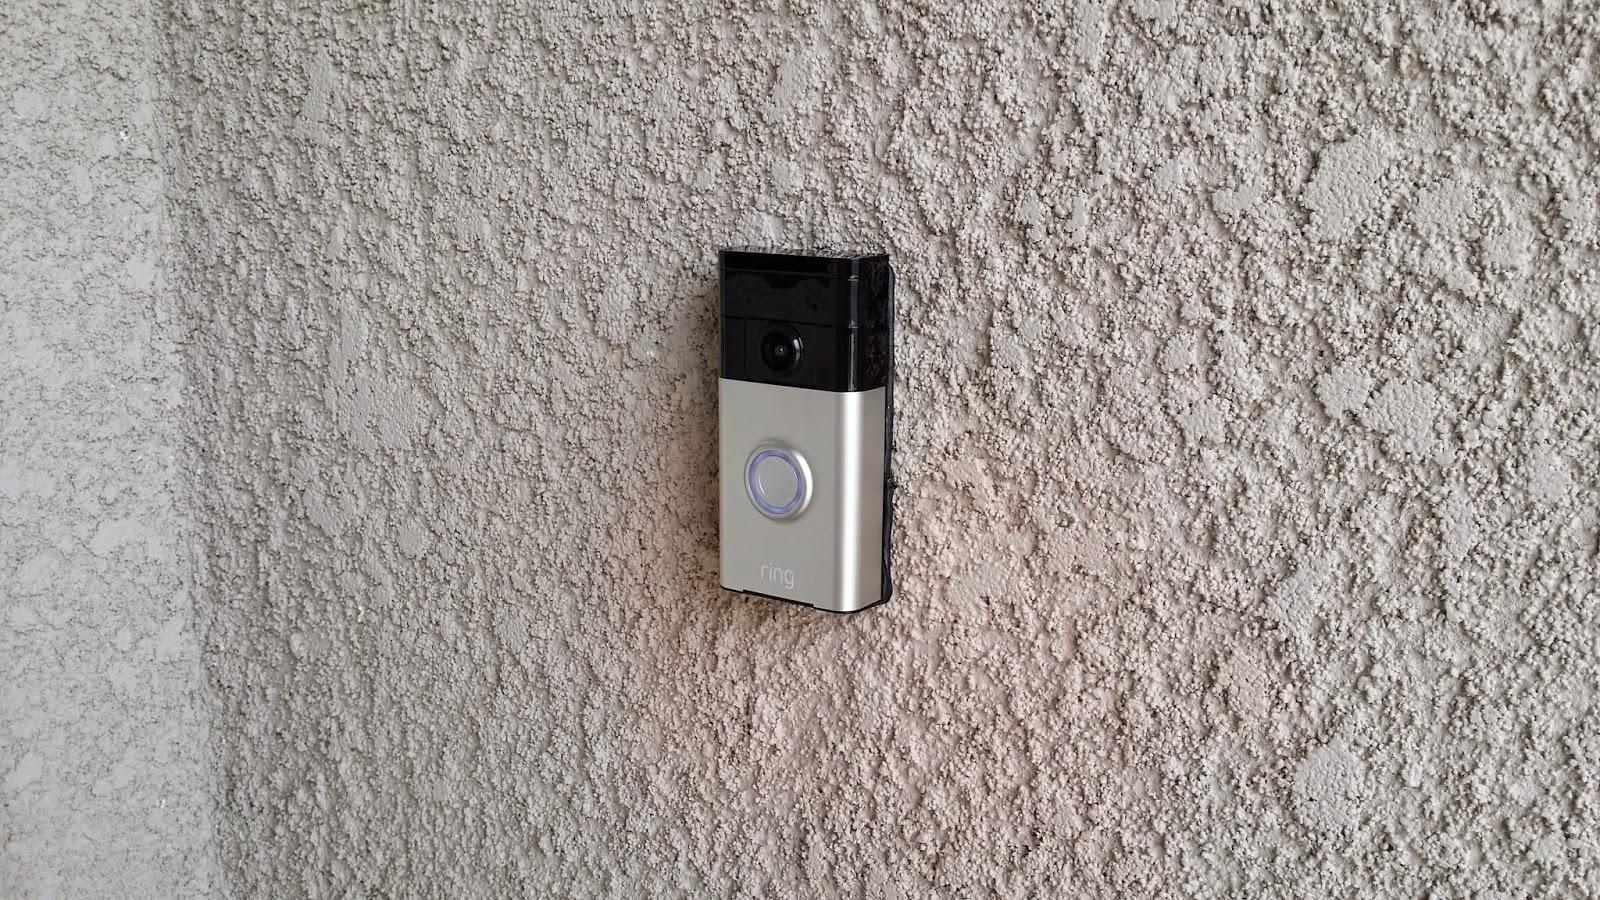 Ring Doorbell Not Showing Charging In App